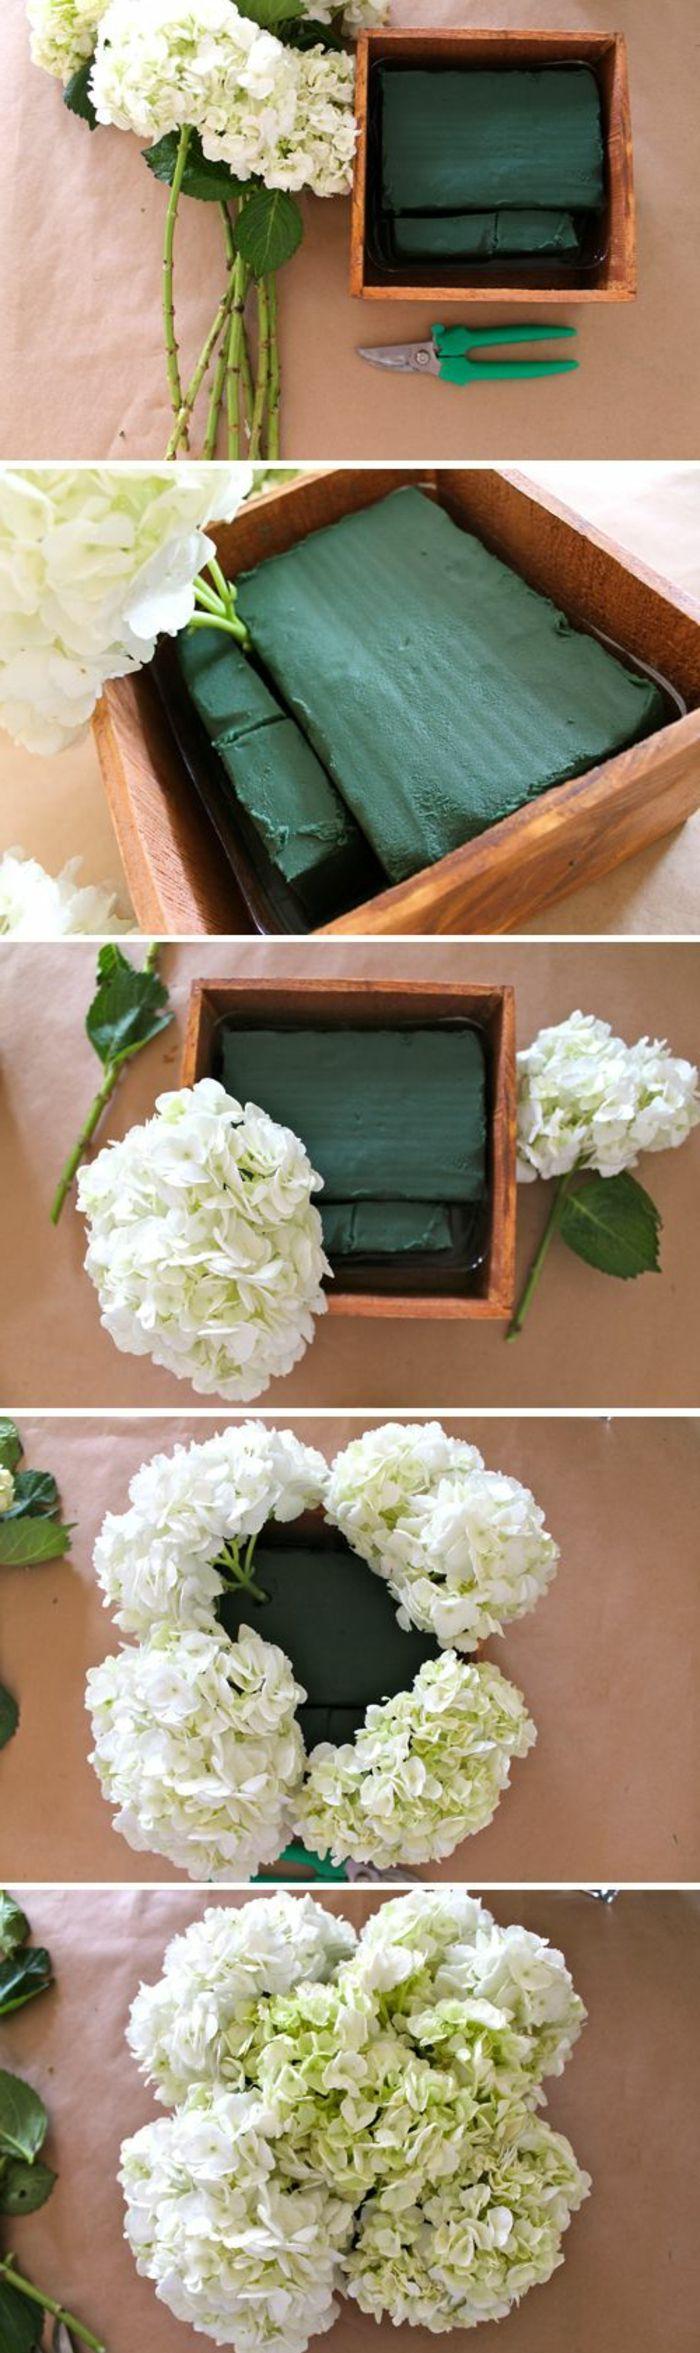 festliche tischdeko, steckschwamm, weiße hortensien arrangieren